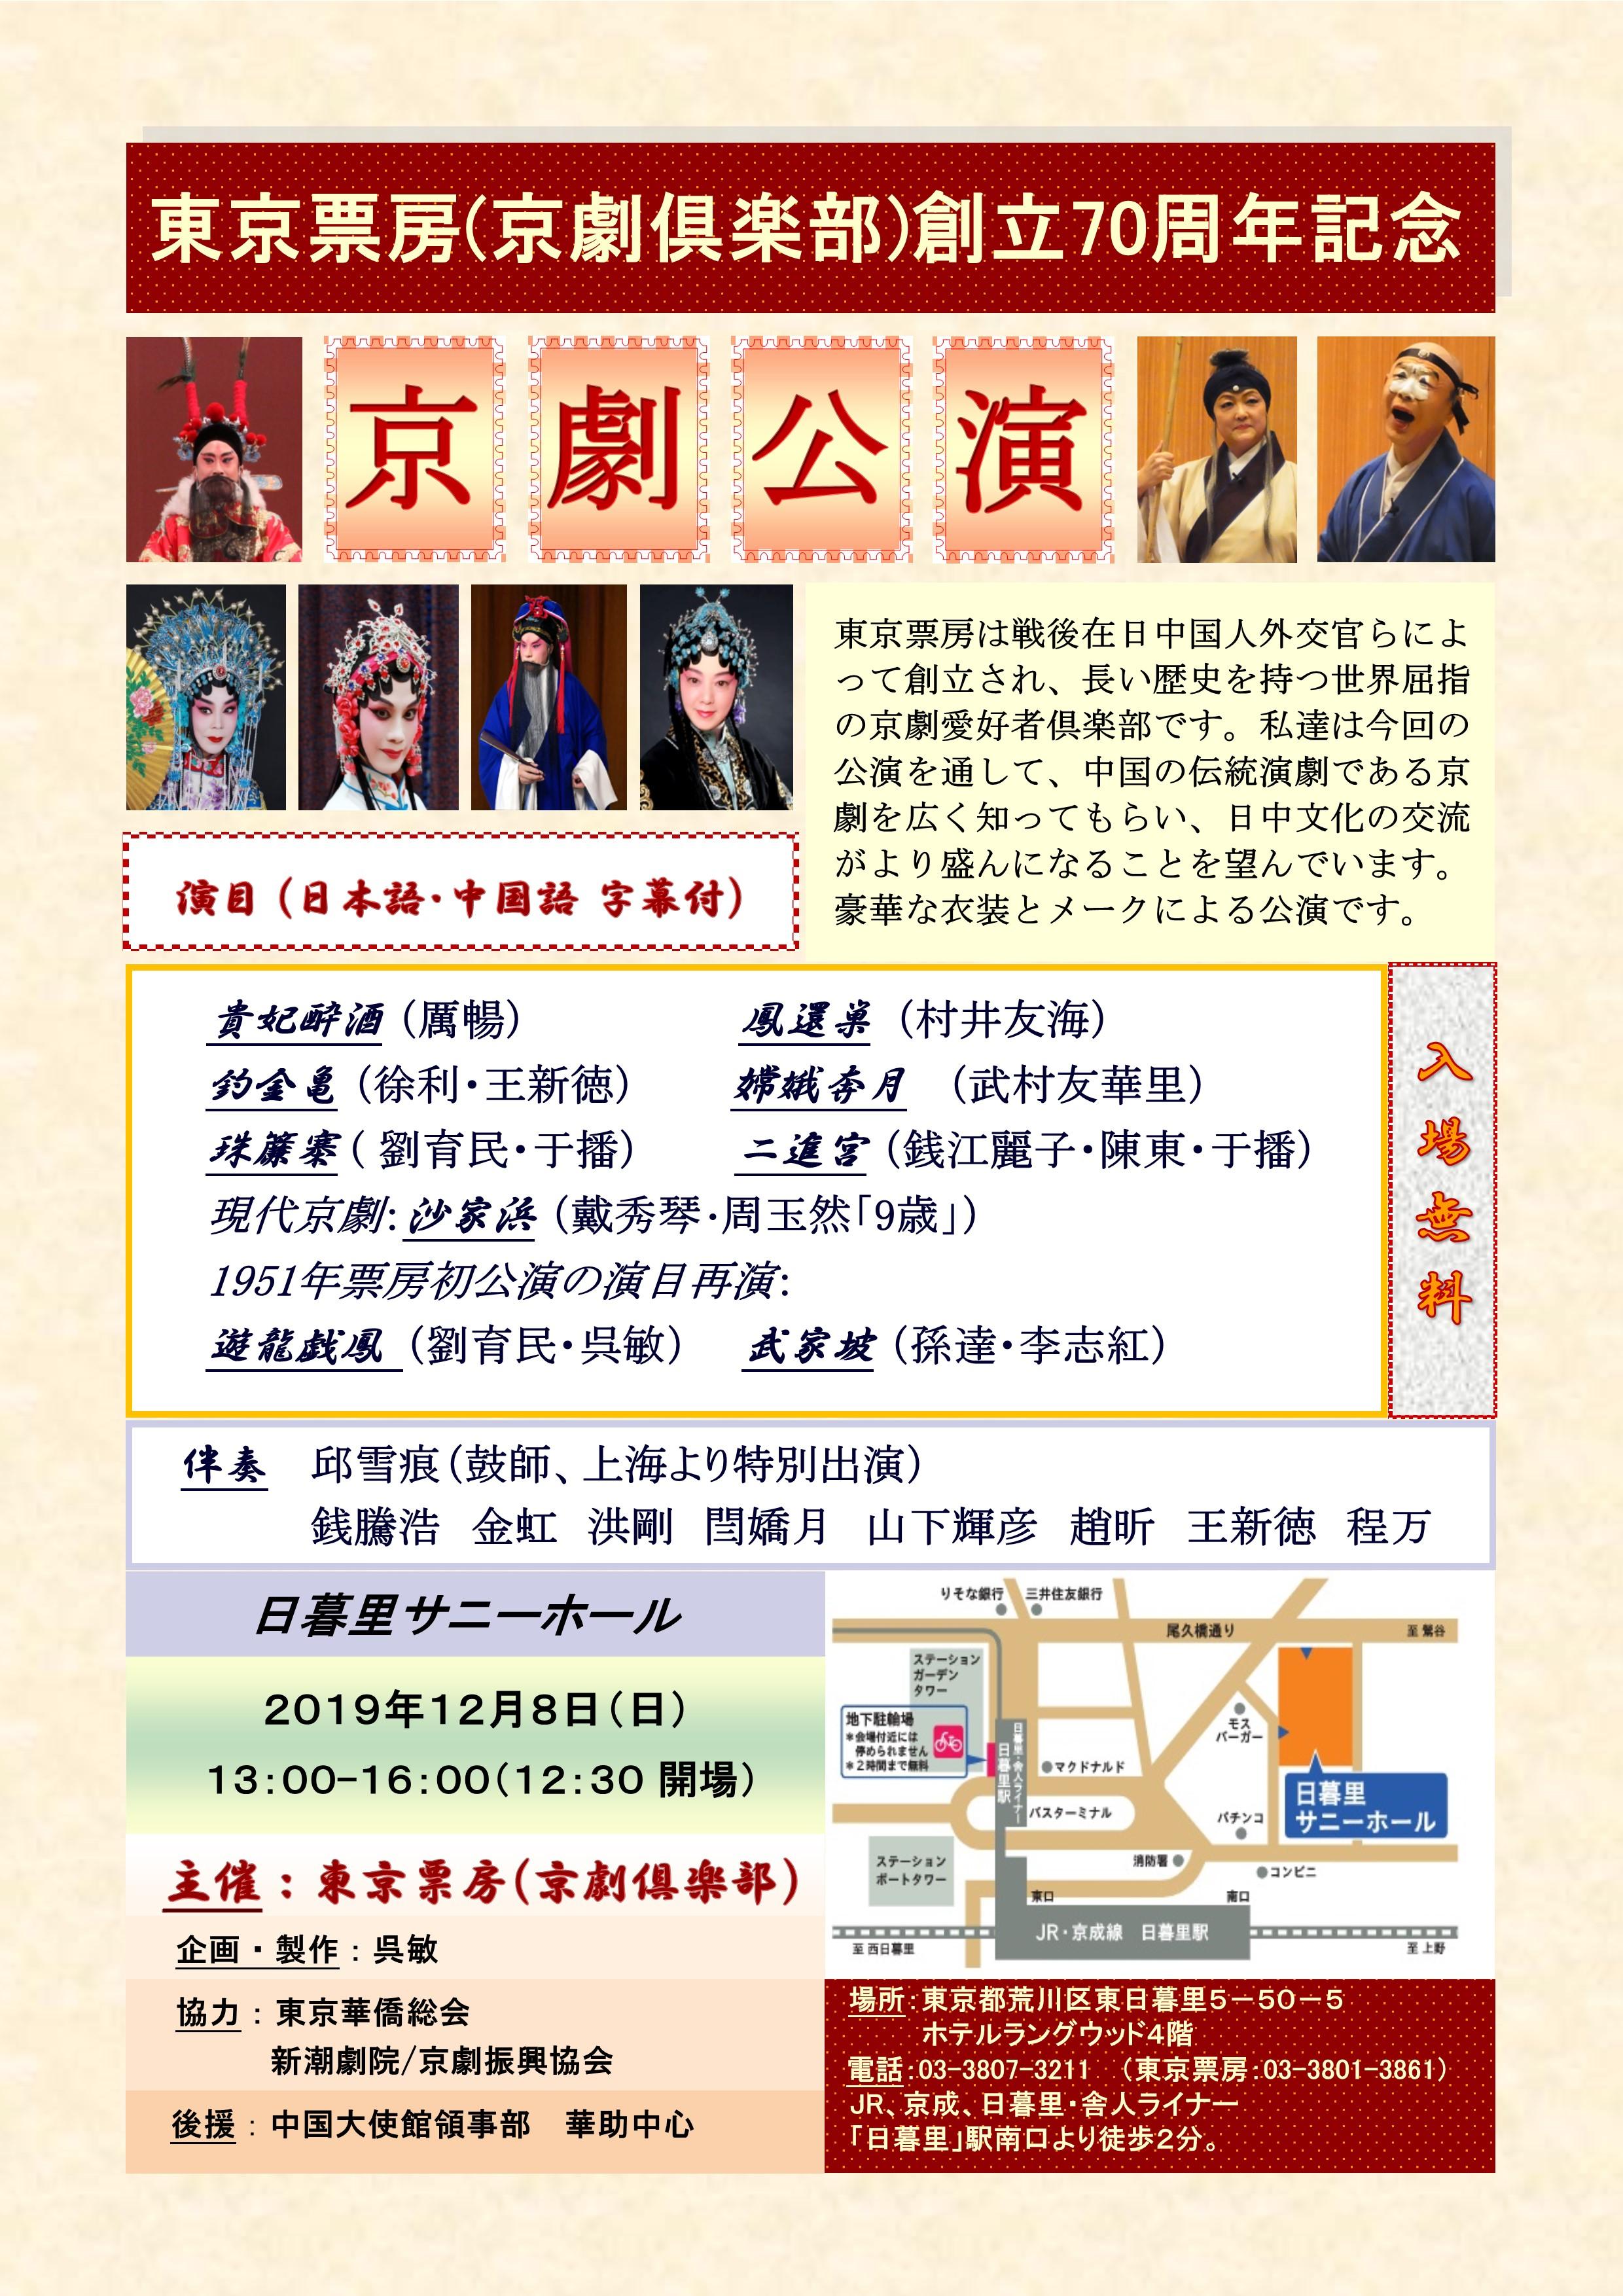 京劇公演のお知らせ